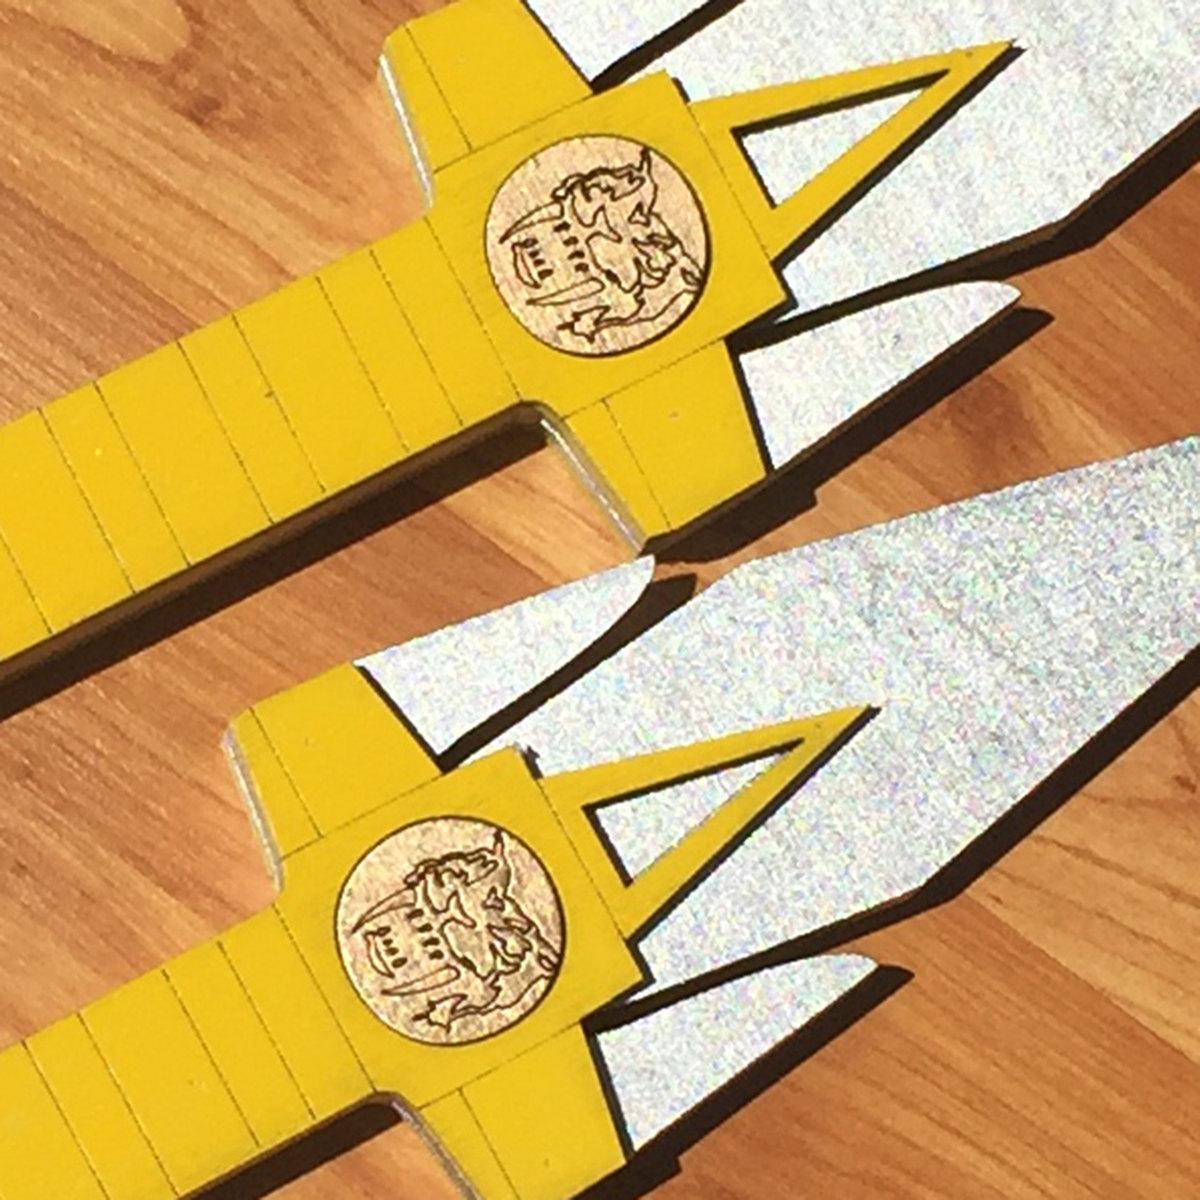 Yellow Ranger Dagger (x2), Power Ranger Cosplay Replicas | Altruistic